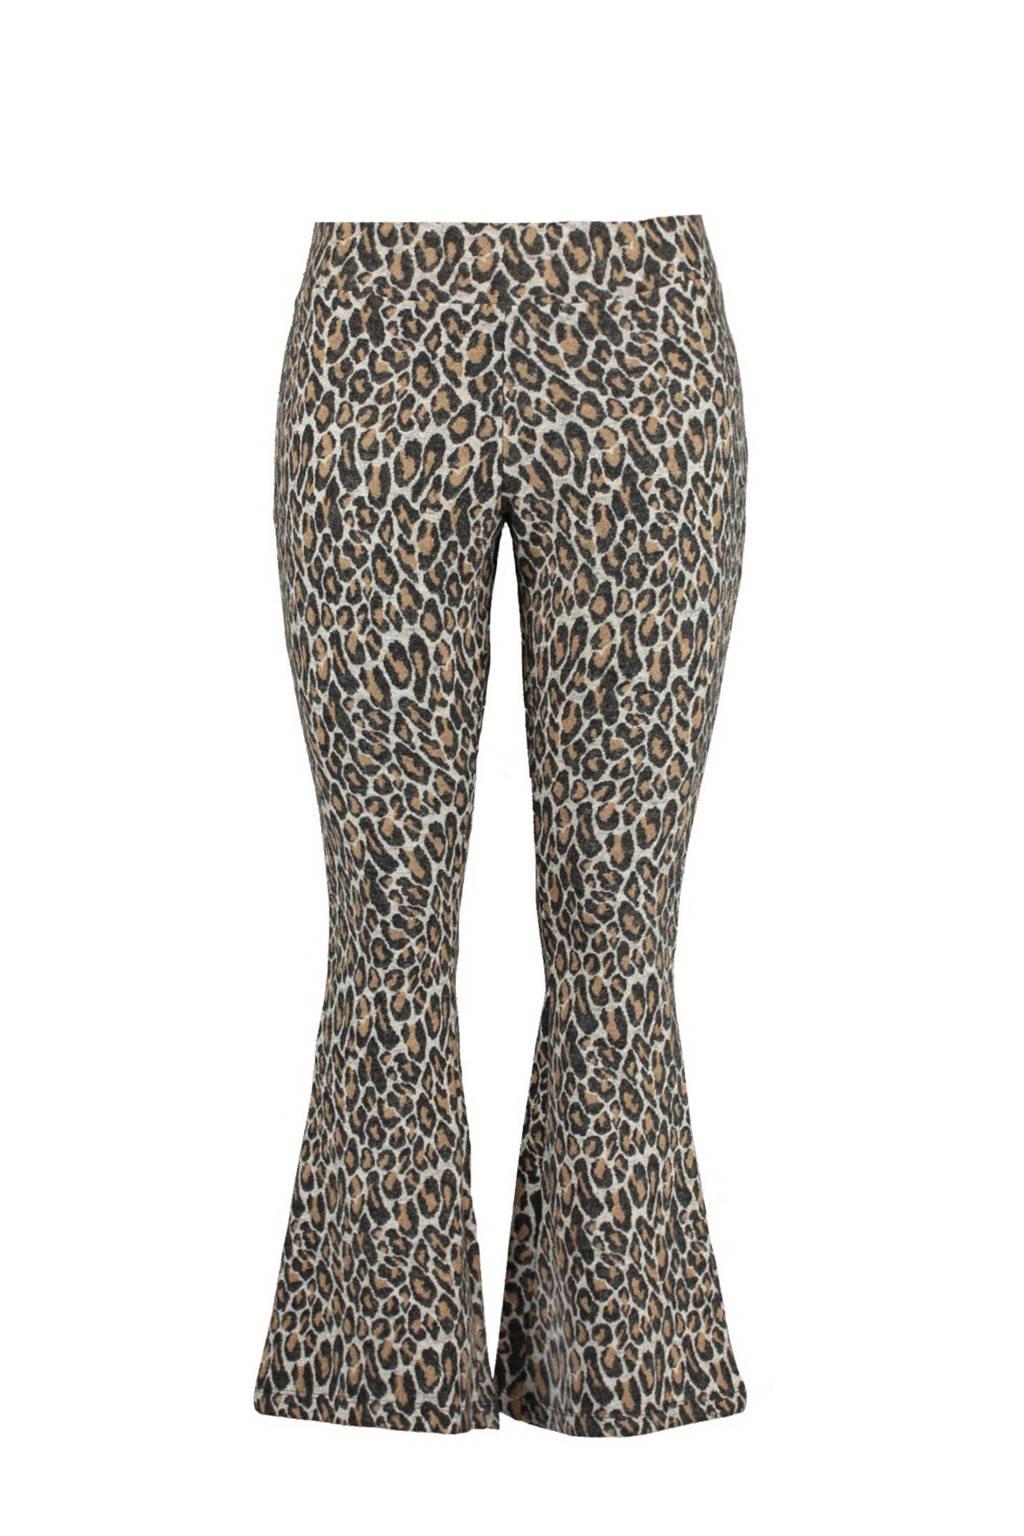 MS Mode Plus Size flared legging met panterprint bruin, Bruin